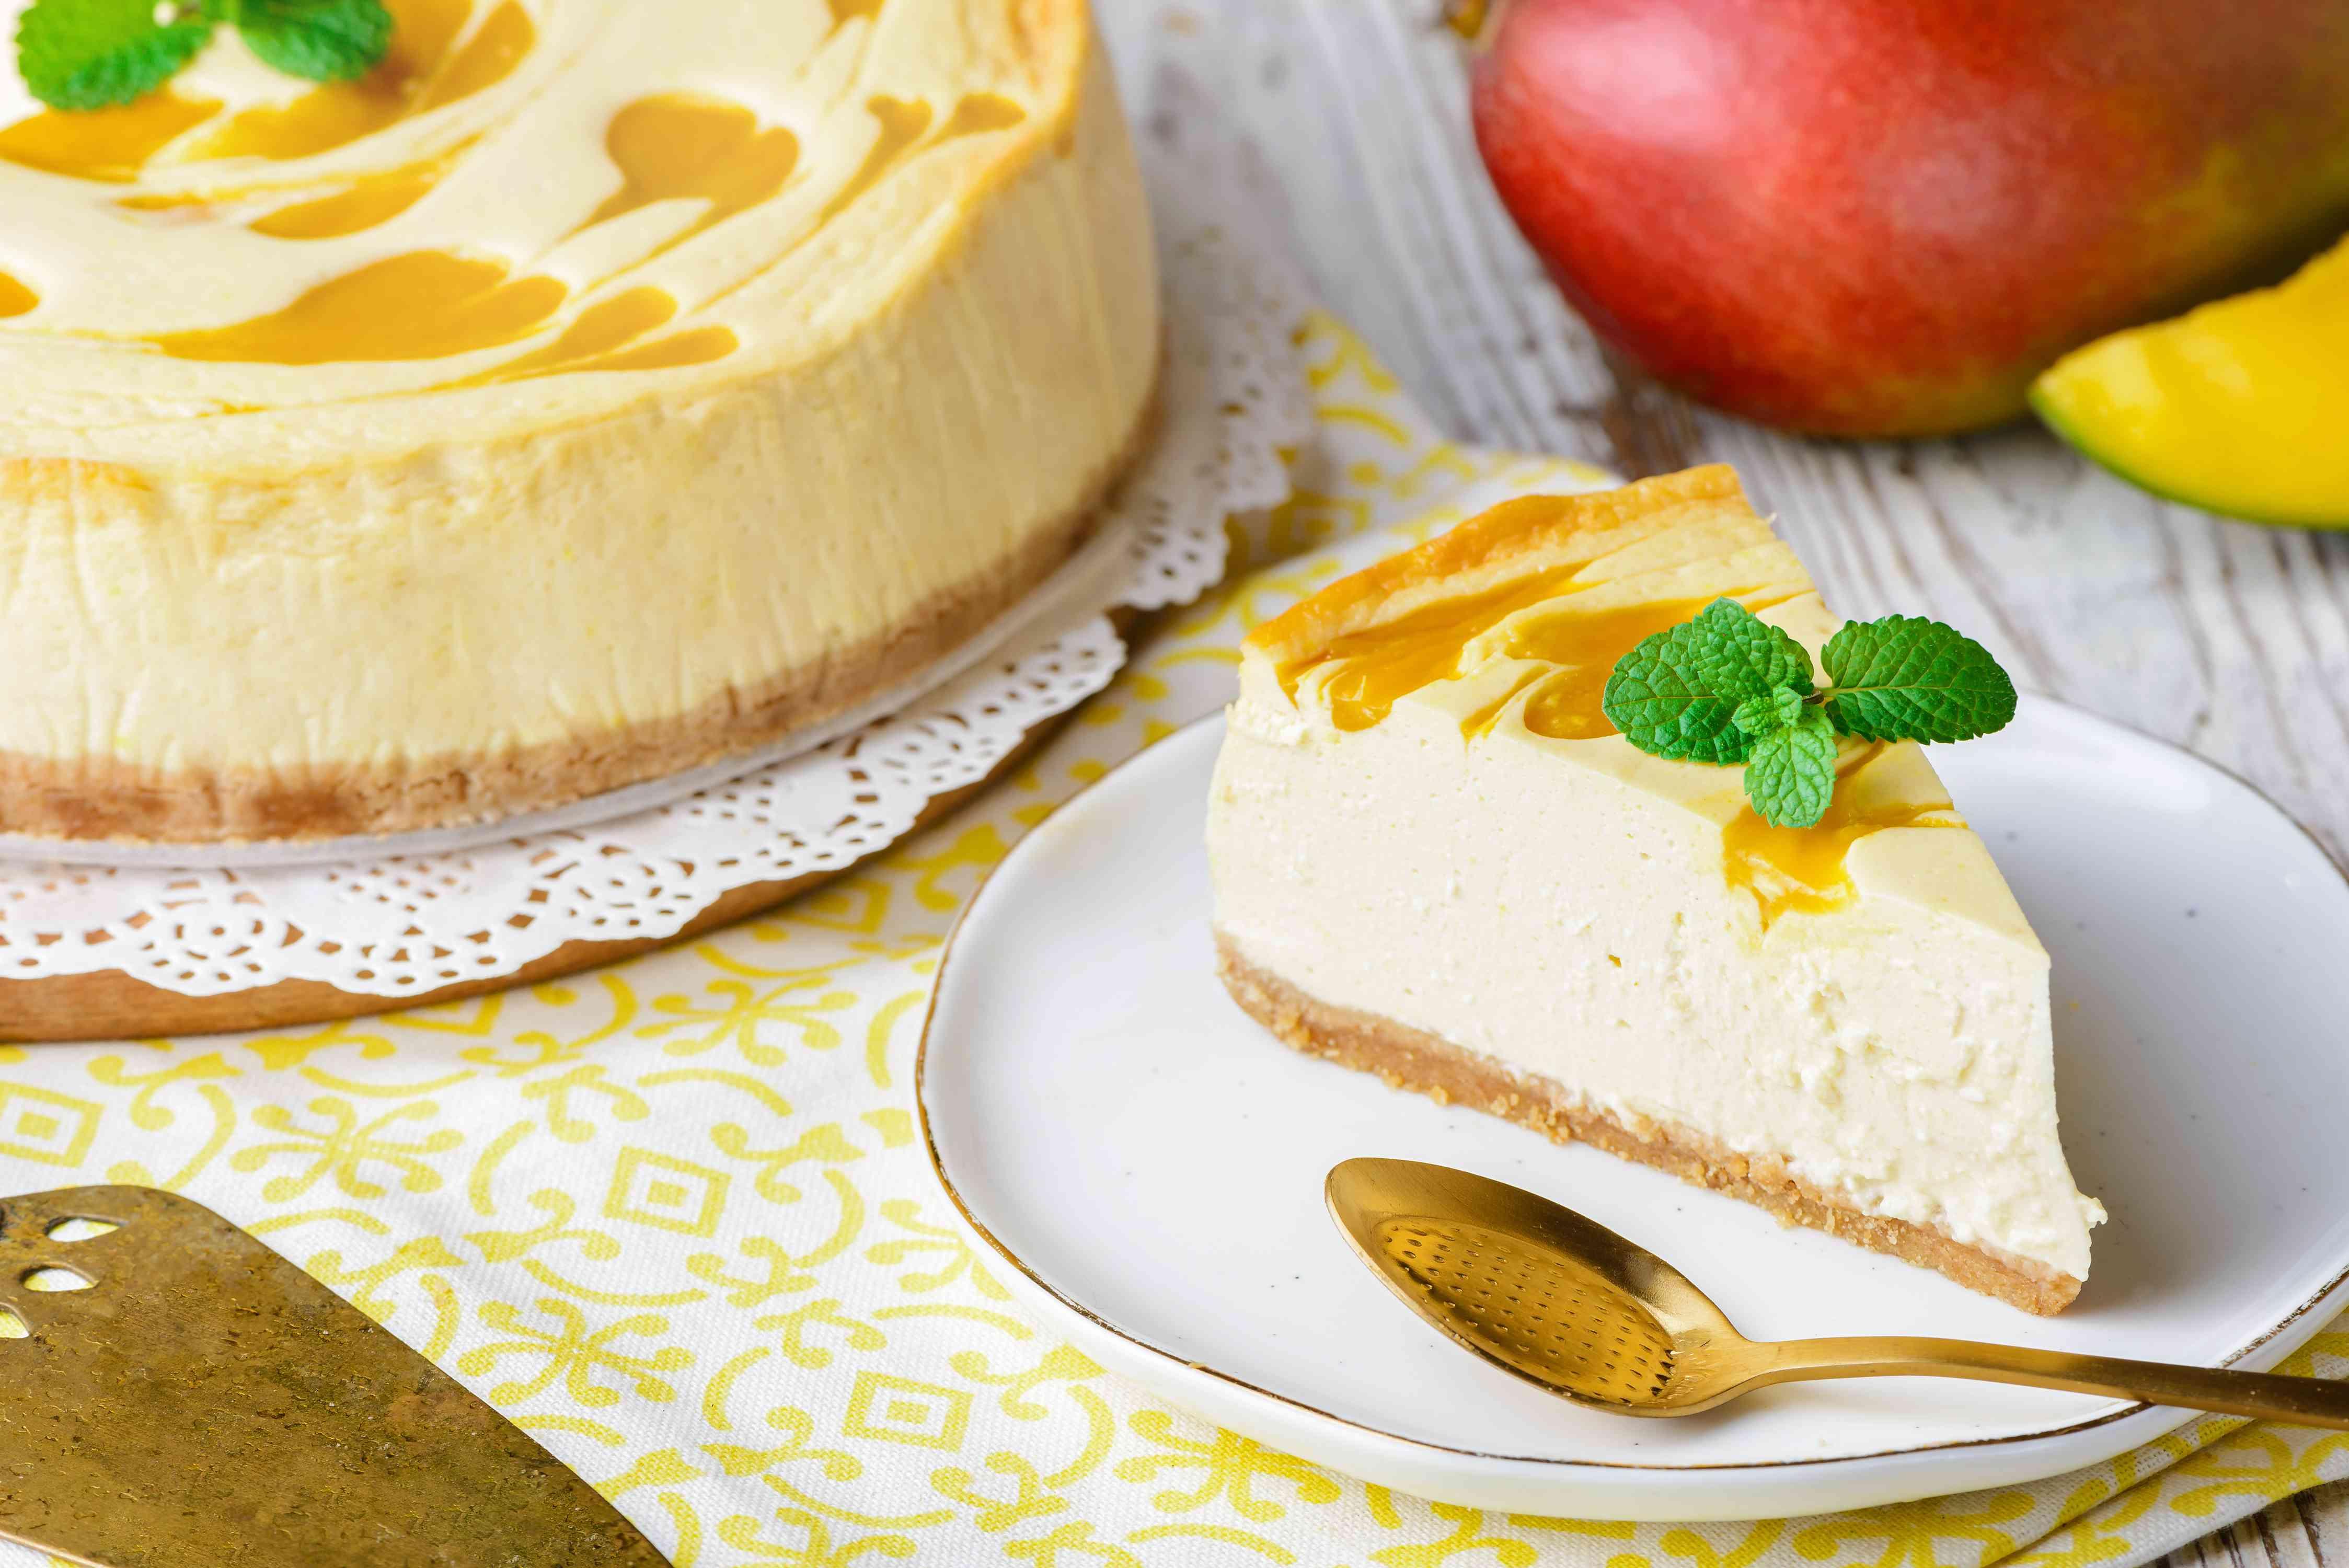 Mango swirl cheesecake recipe